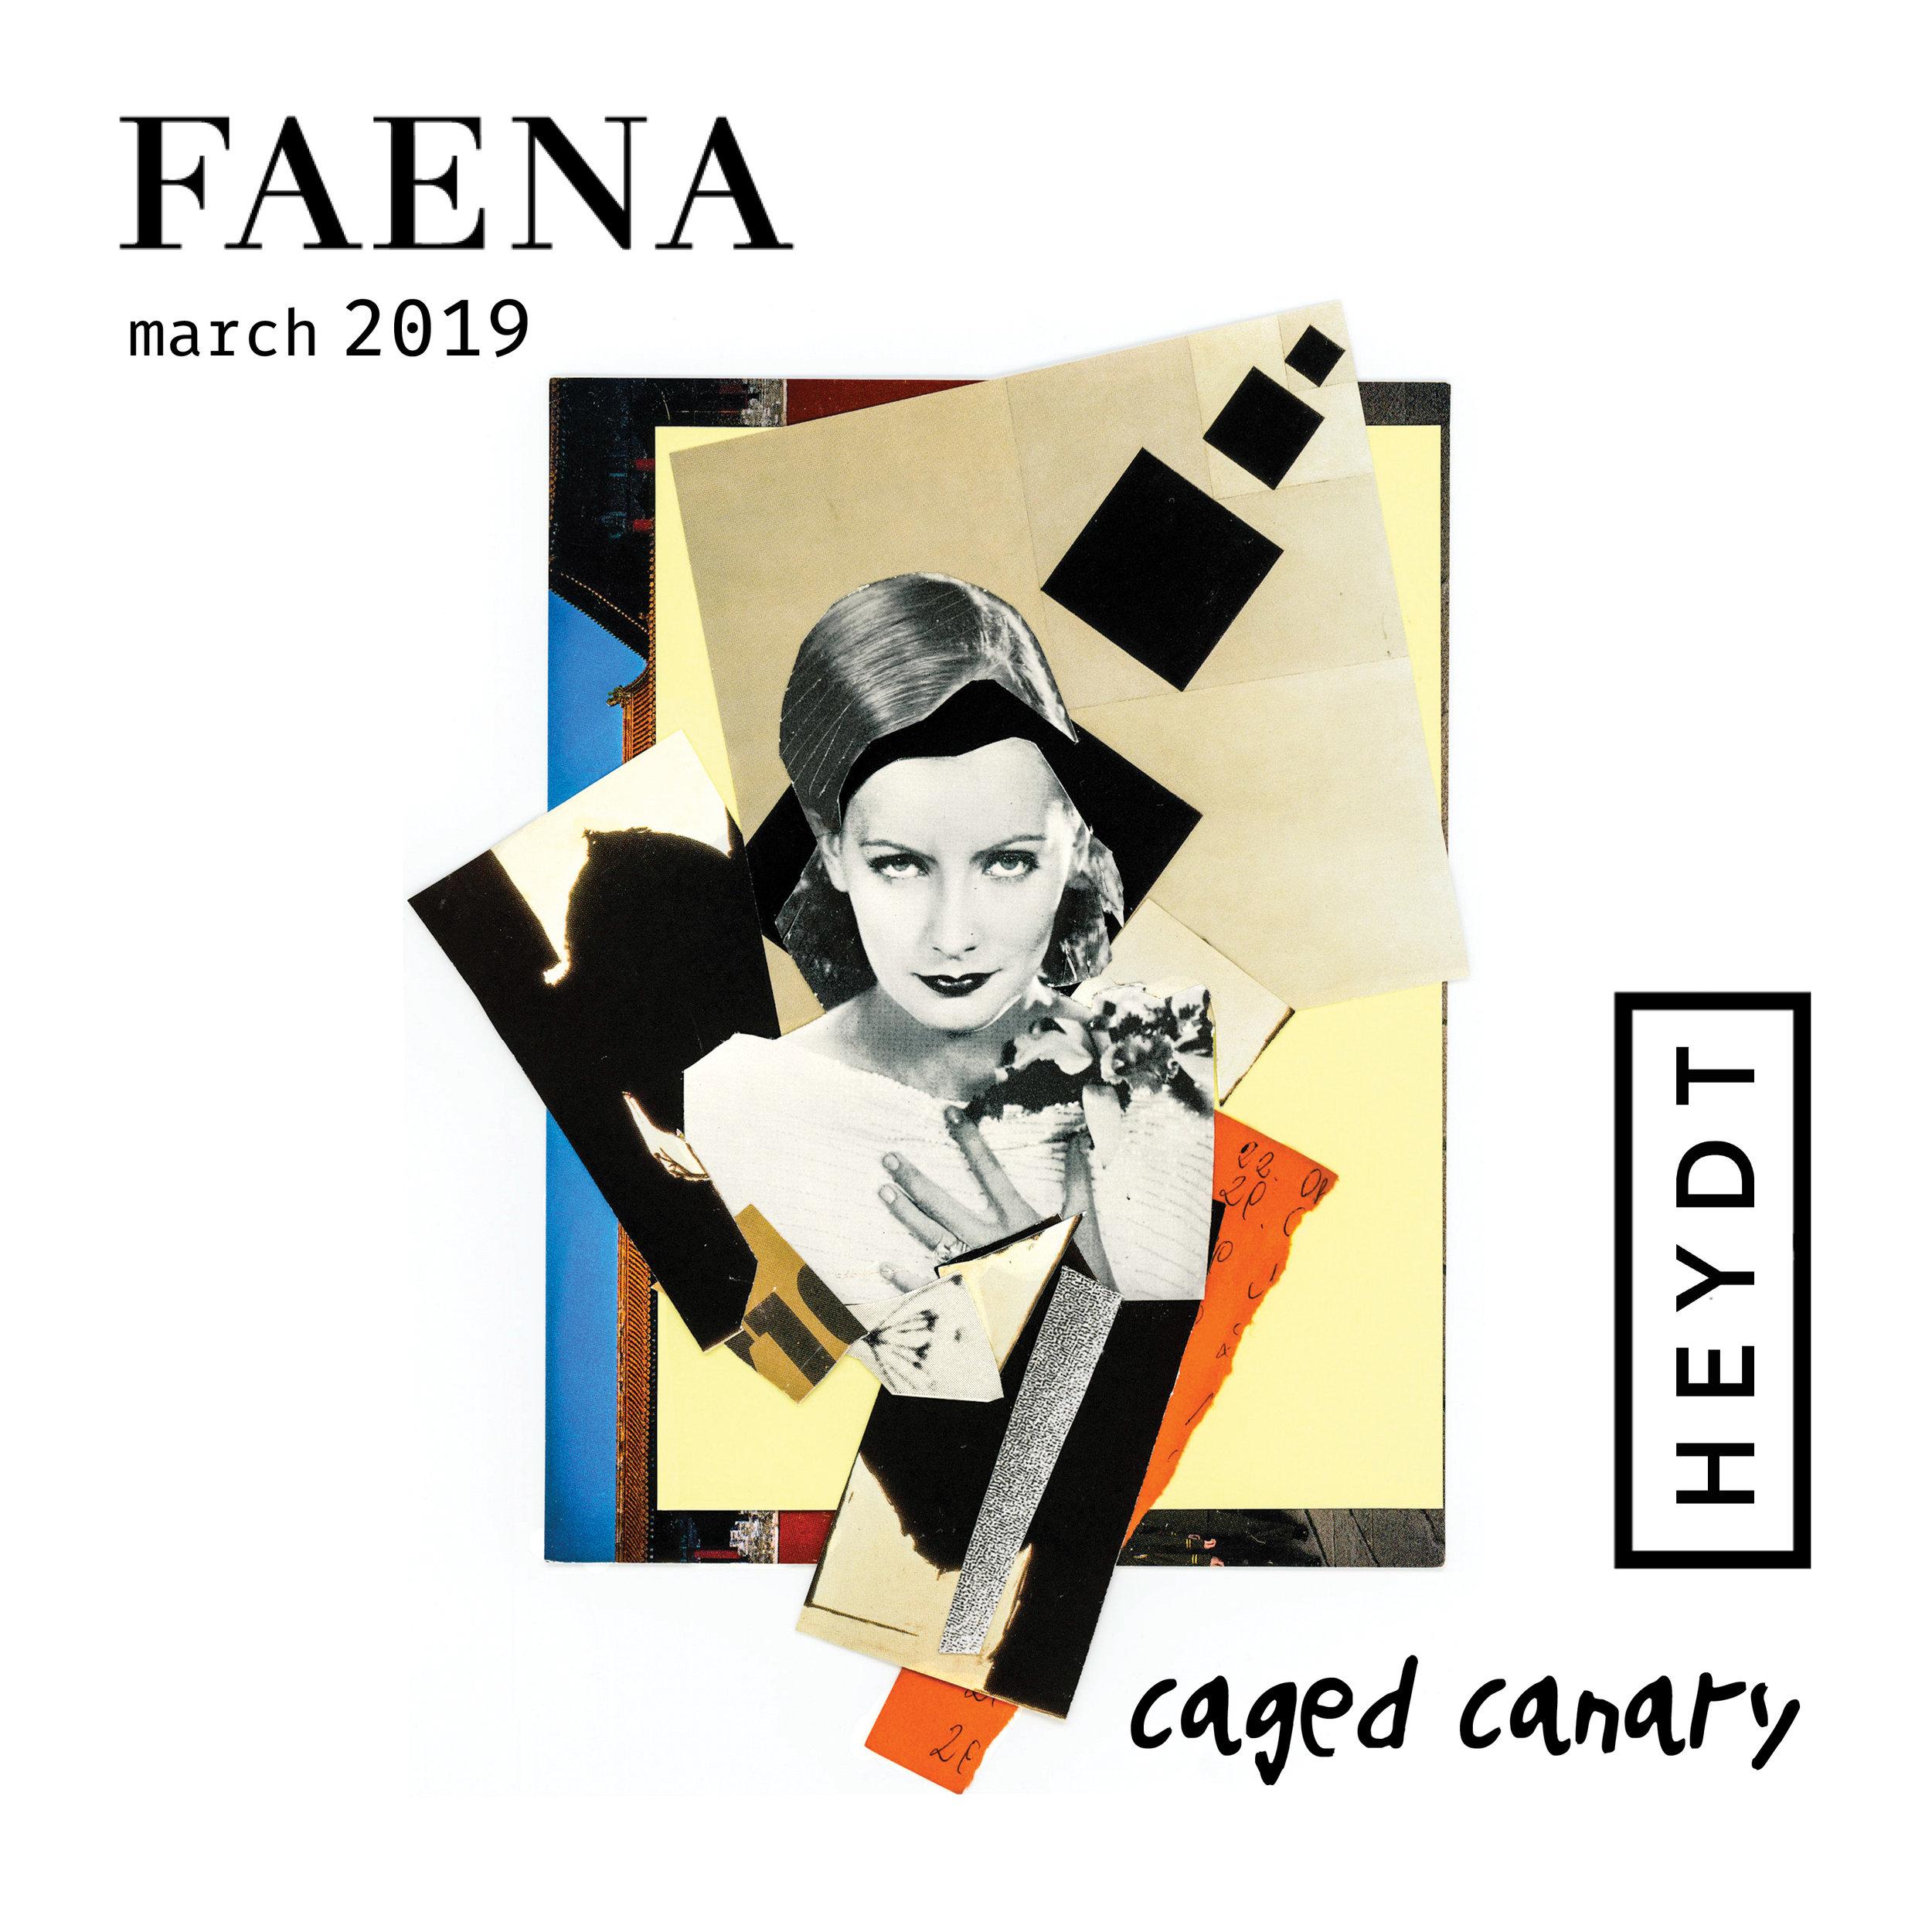 Faena-Inventory-HEYDT-March20193.jpg